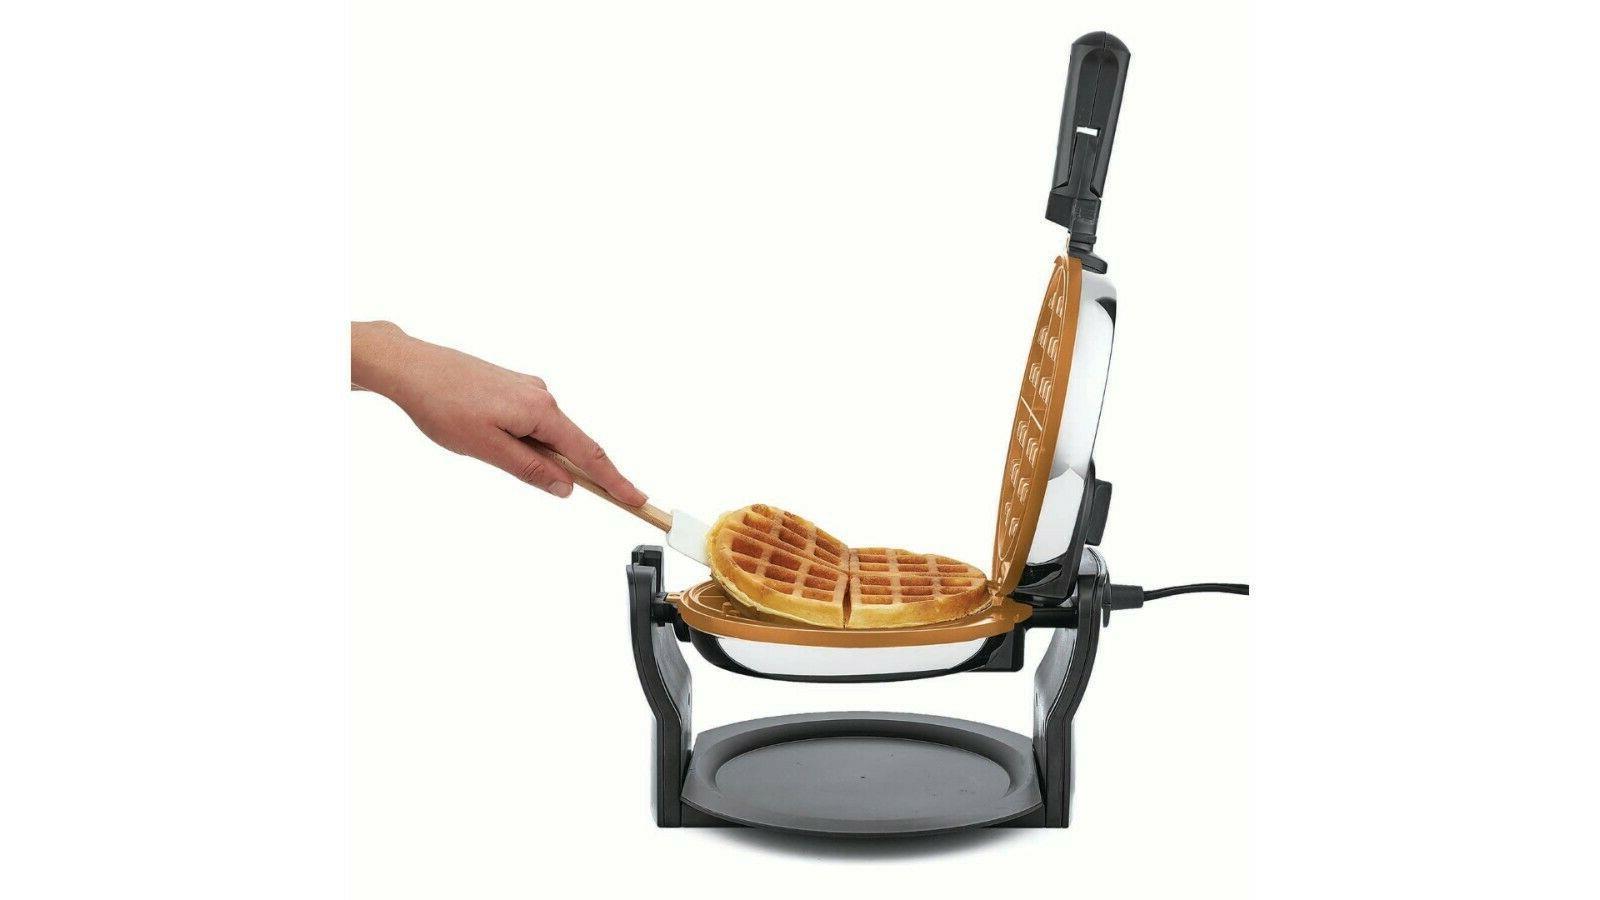 NEW Copper Waffle breakfast appliance